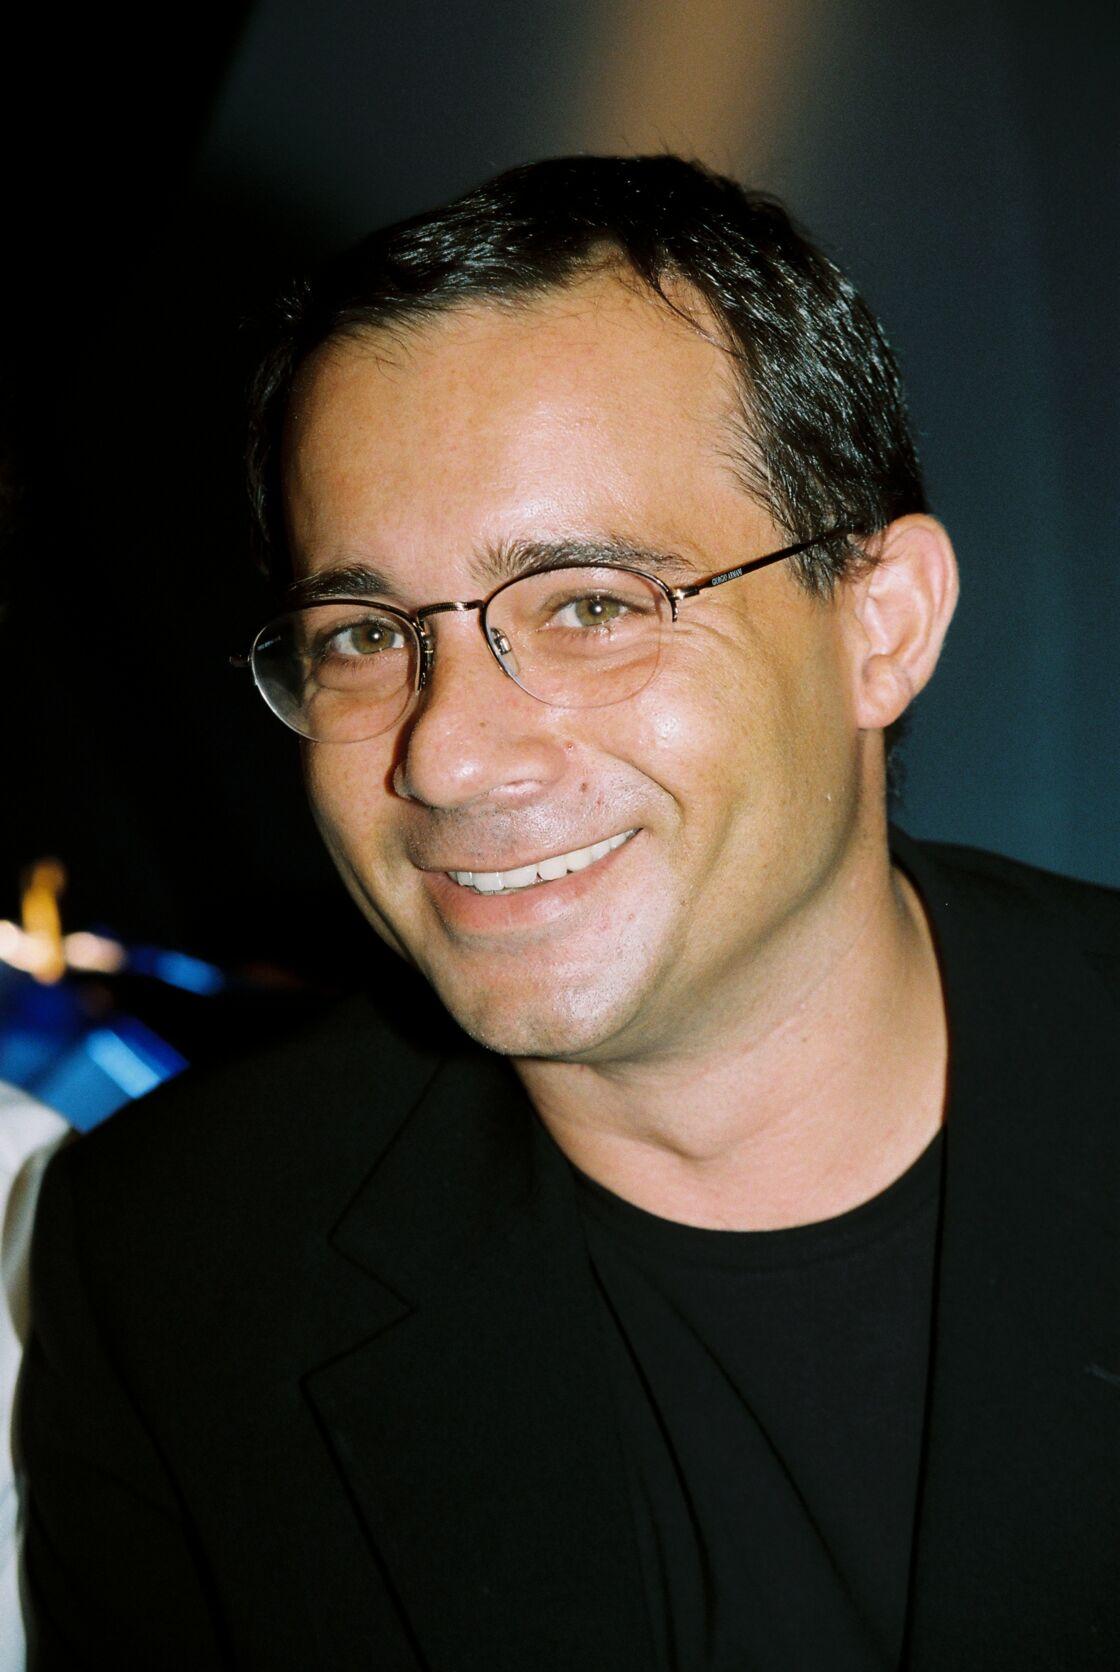 Jean-Luc Delarue lors de la rentrée France Télévision 2001-2002 à Paris, le 27 août 2001.